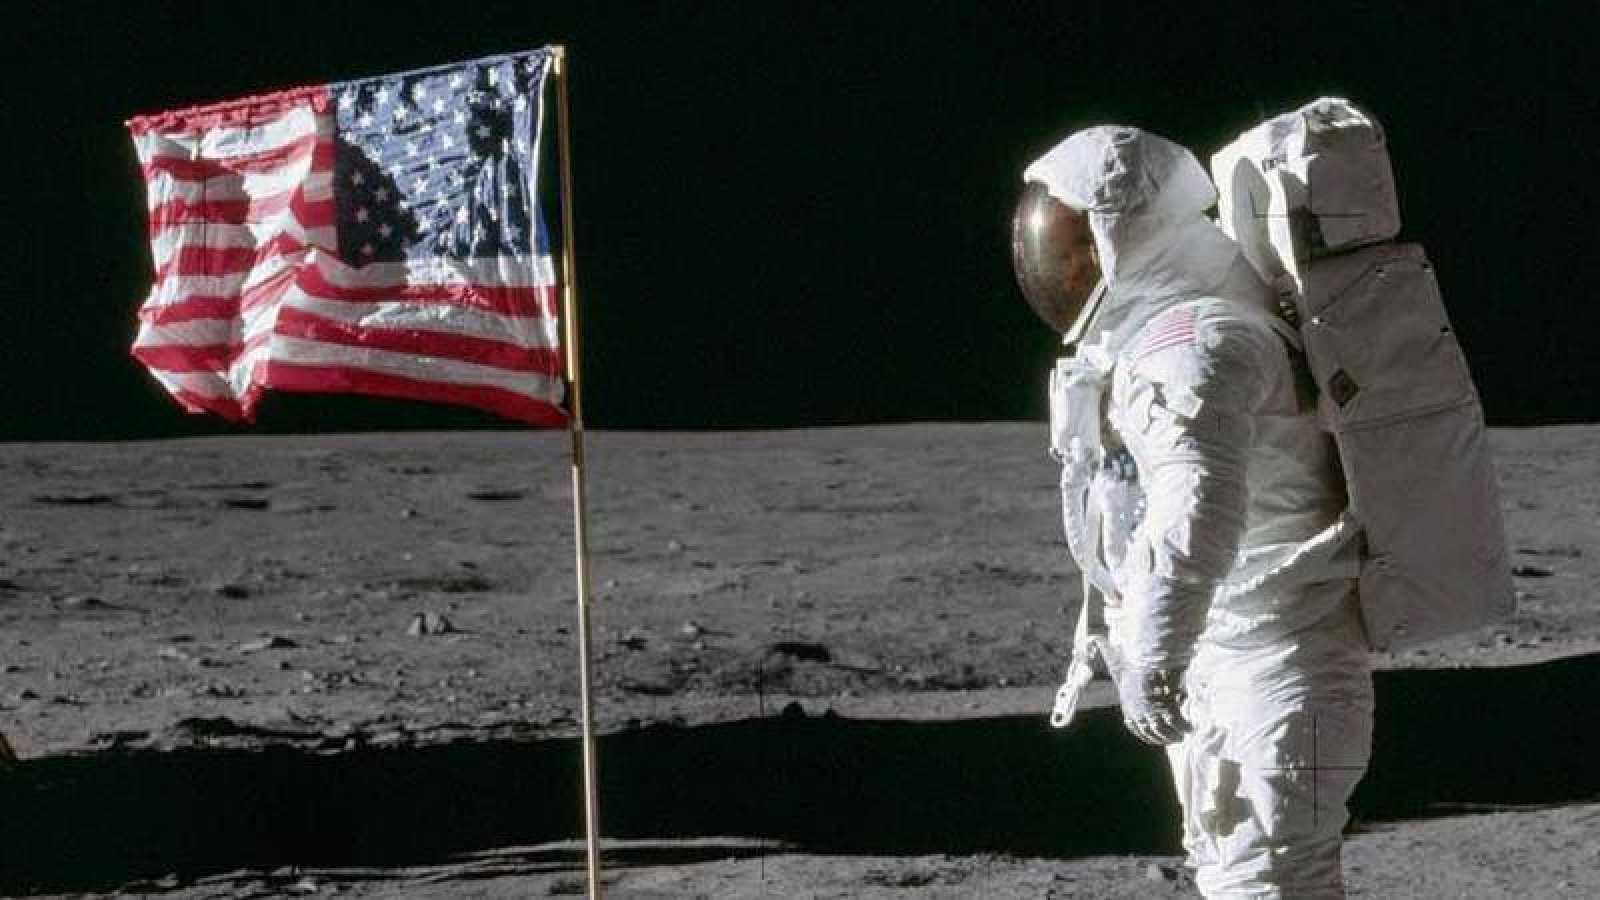 El astronauta 'Buzz' Aldrin camina sobre la Luna durante la misión Apolo 11